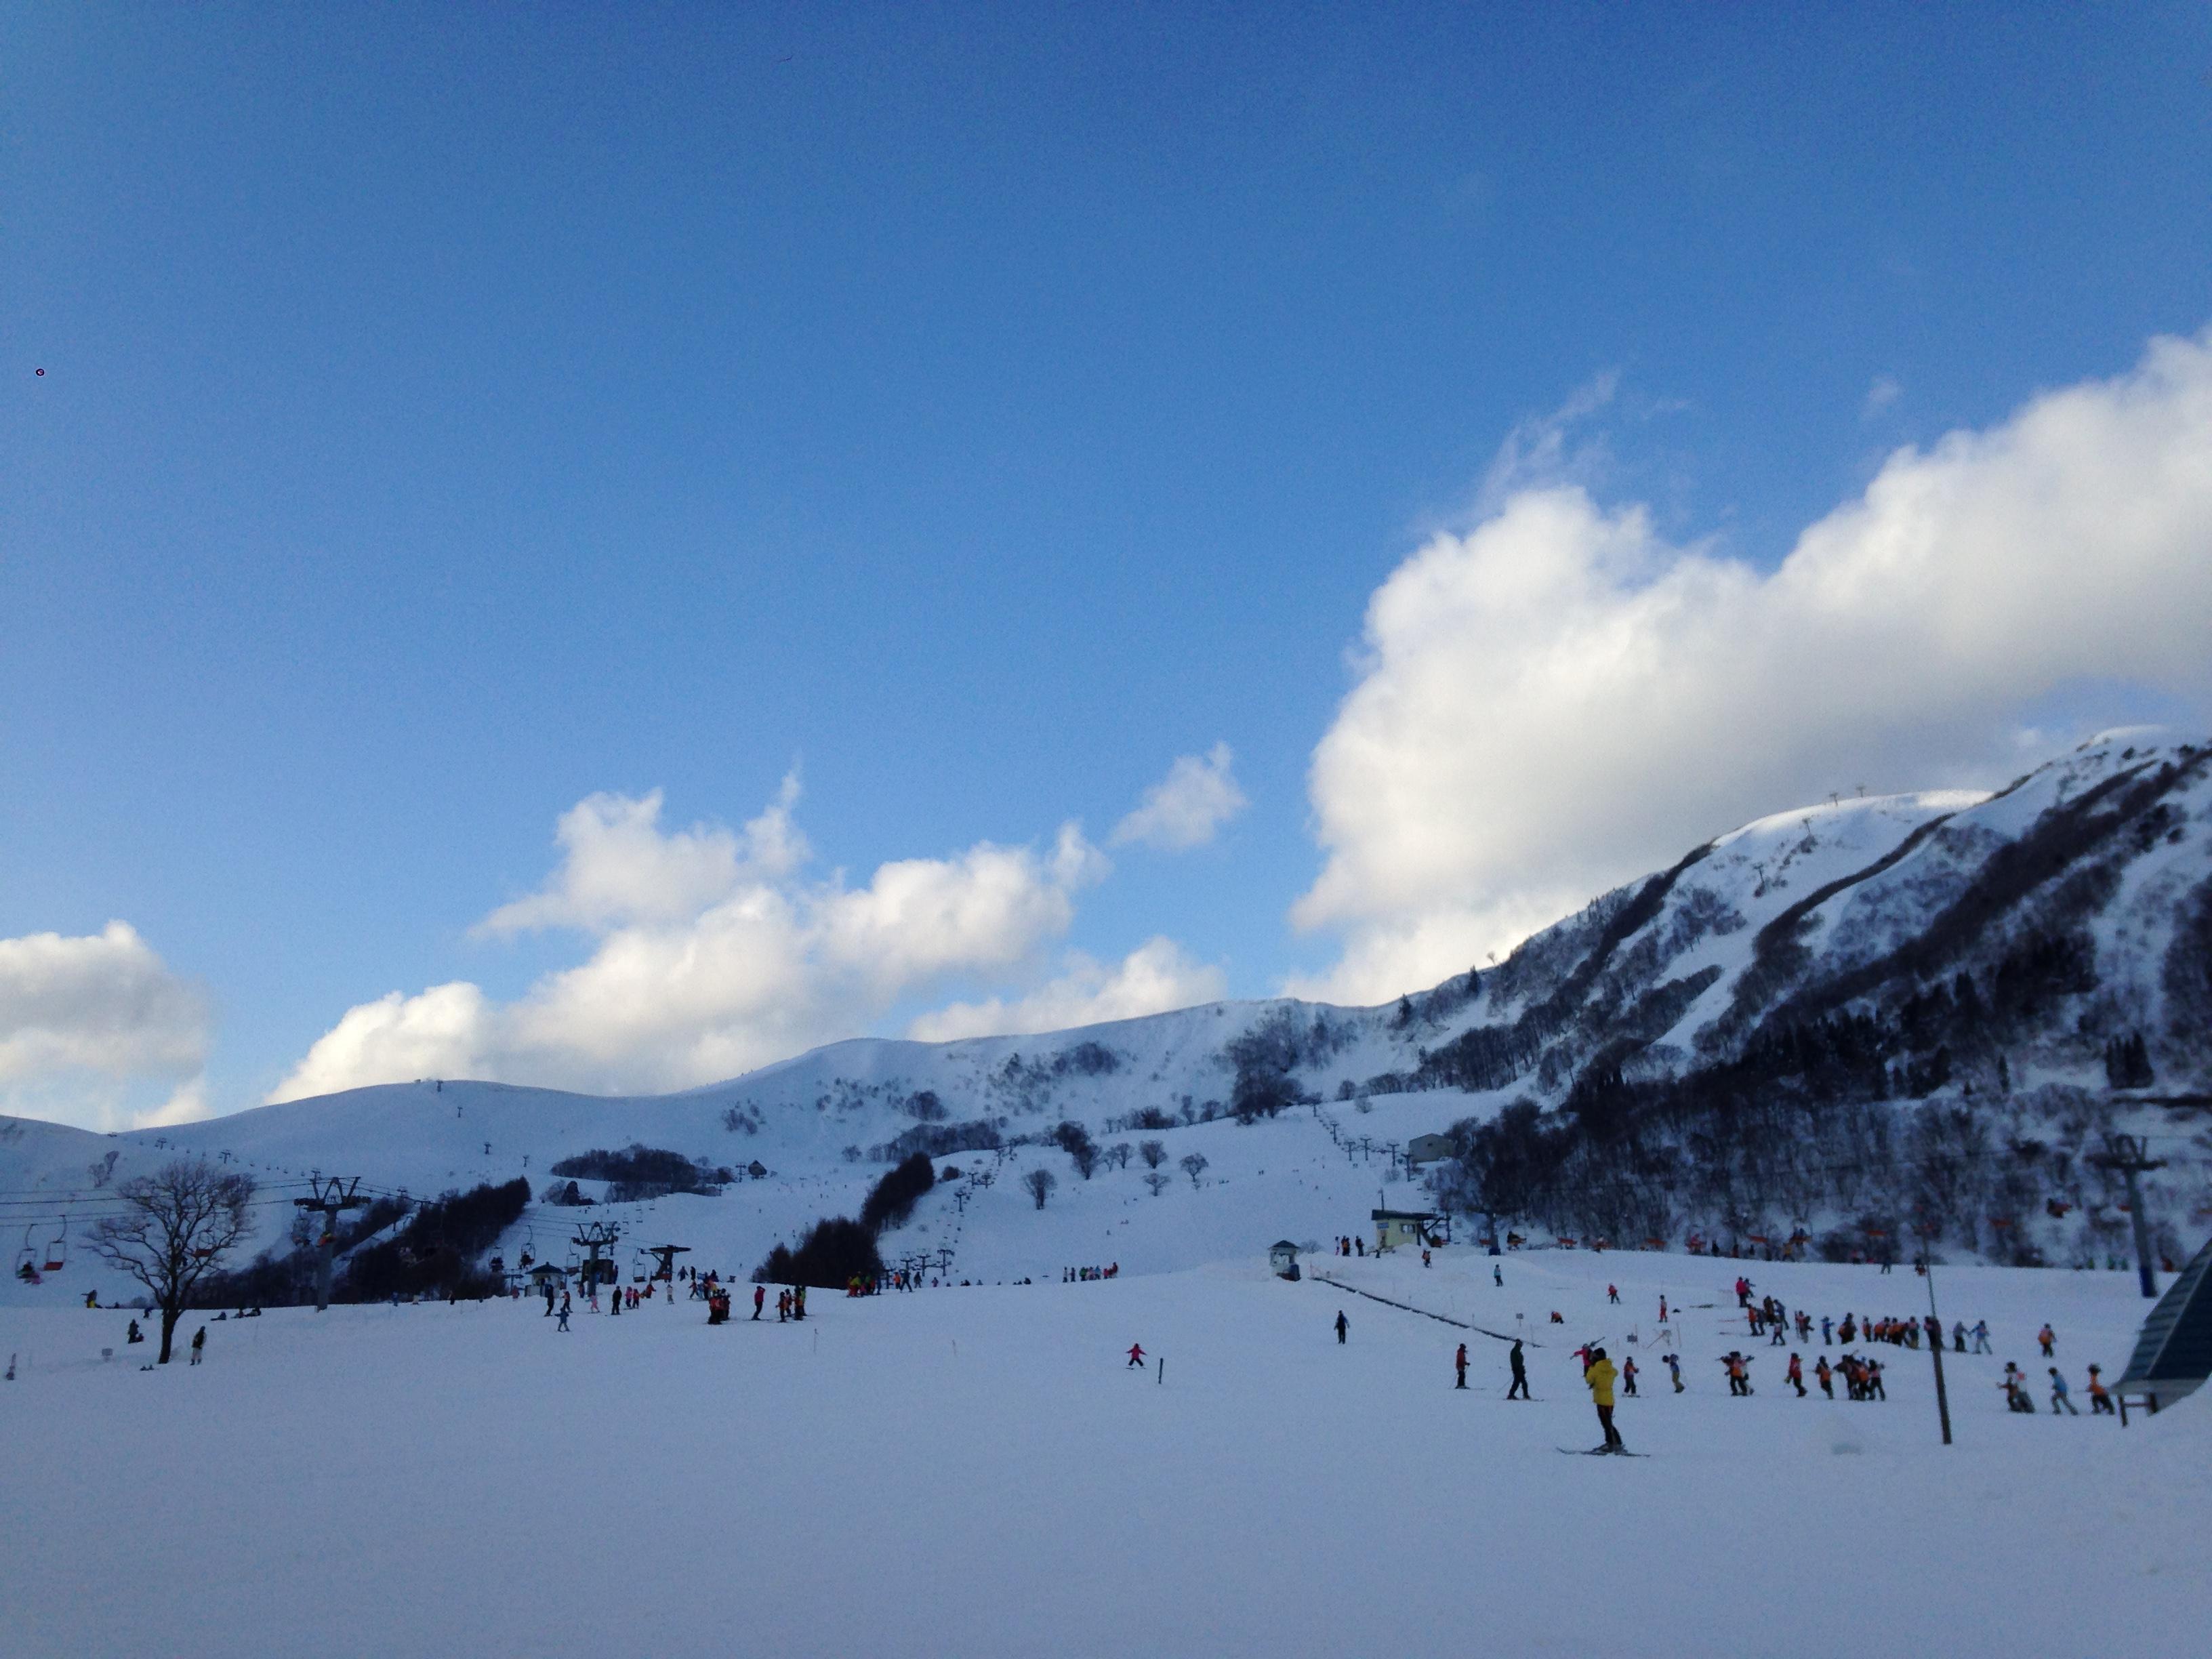 牧場 場 但馬 公園 スキー